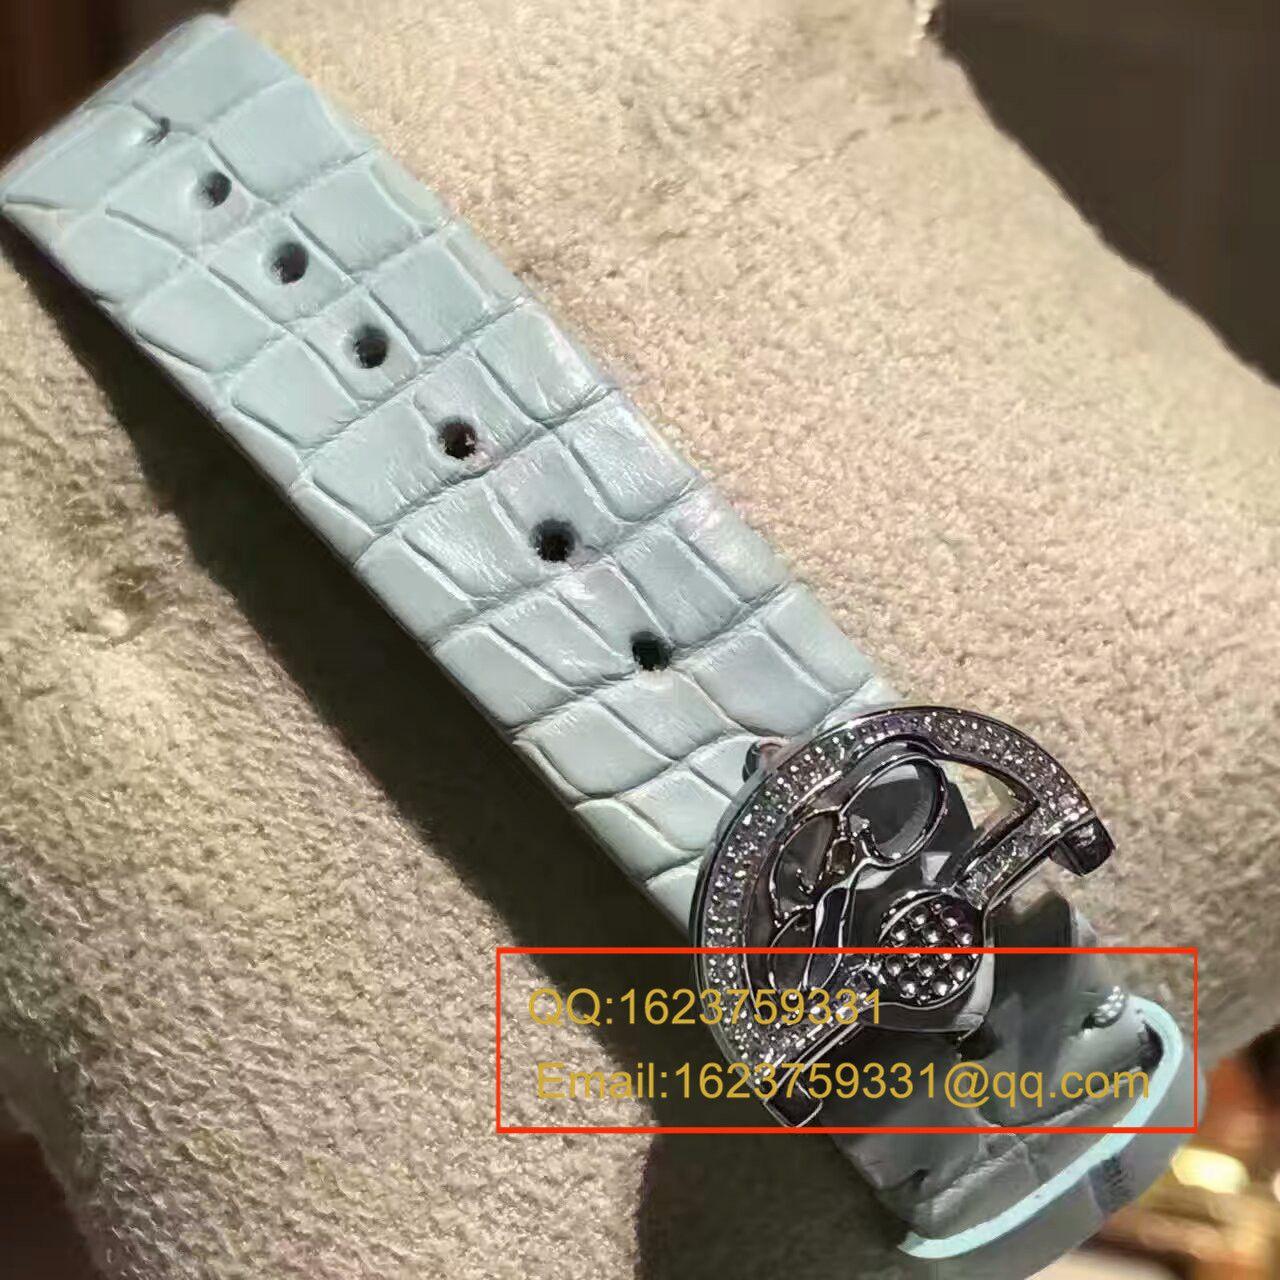 宝玑那不勒斯皇后系列8928BB/8D/844 DD0D腕表 / BZ037